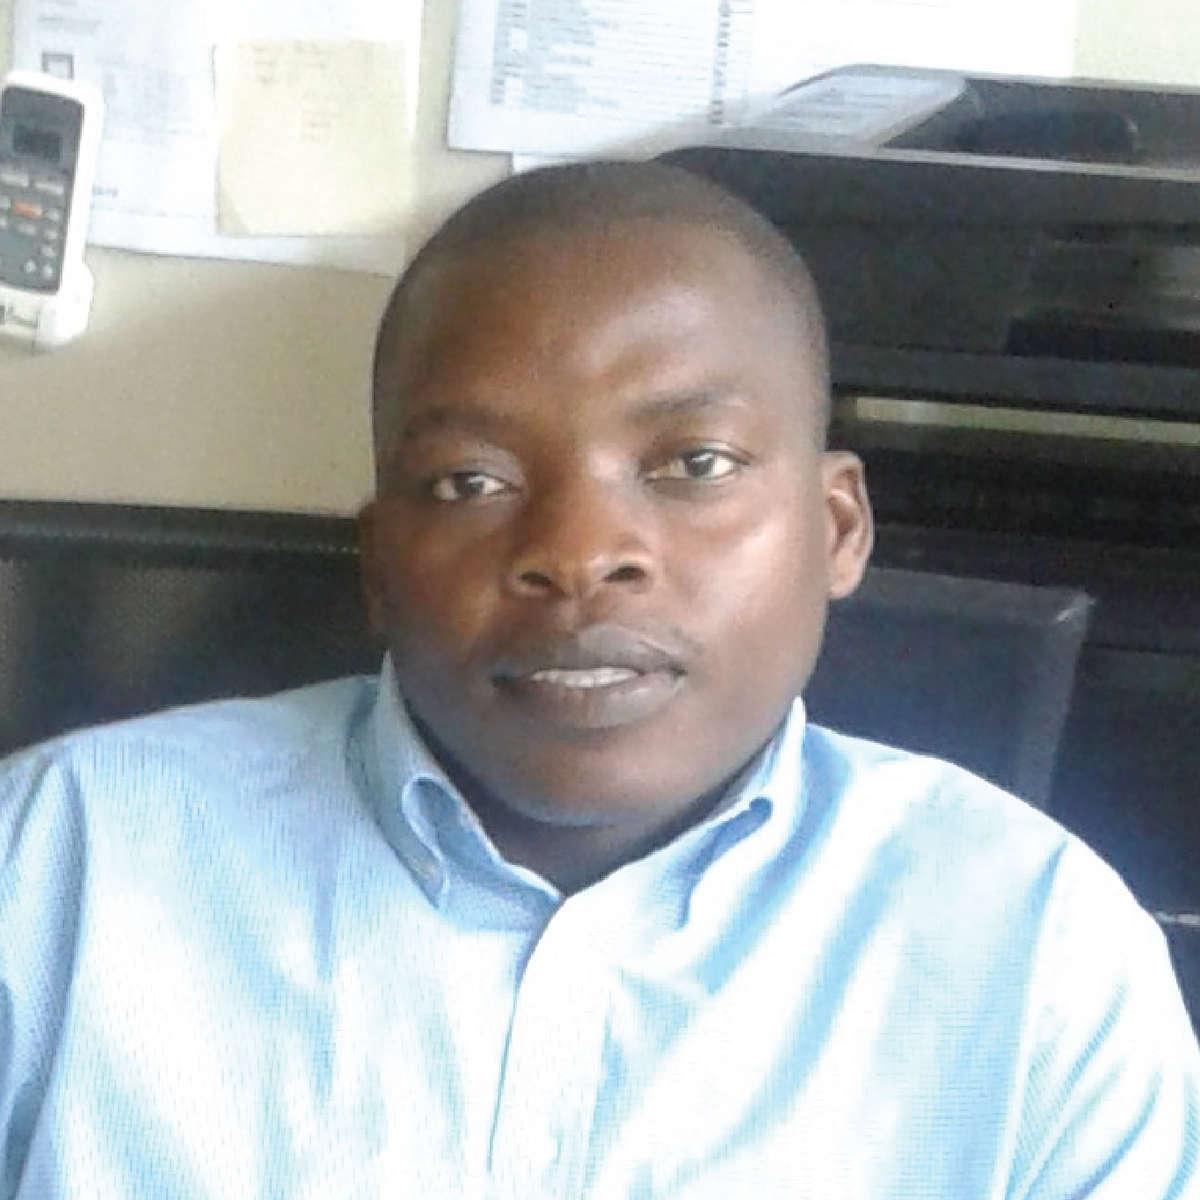 Moses Mushirivindi